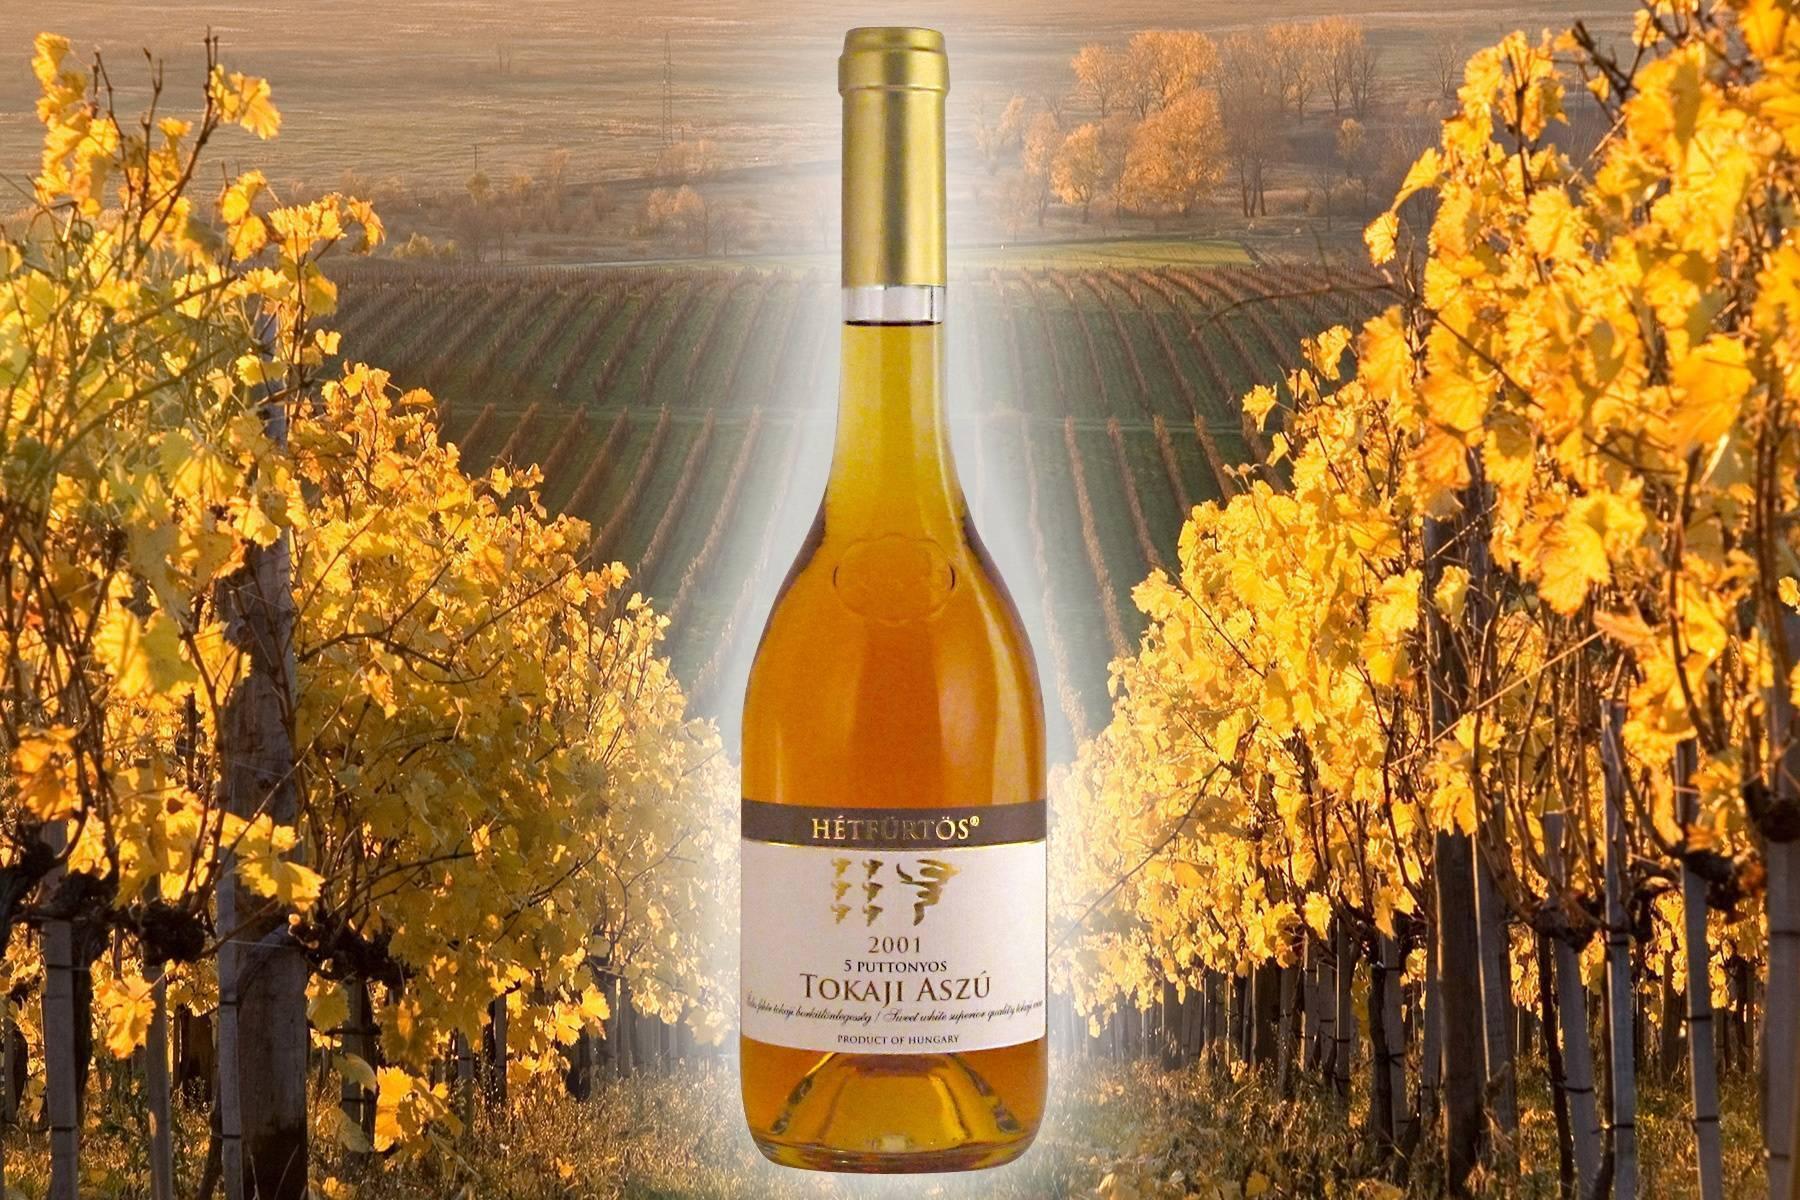 Вина венгрии: марки и бренды венгерских вин